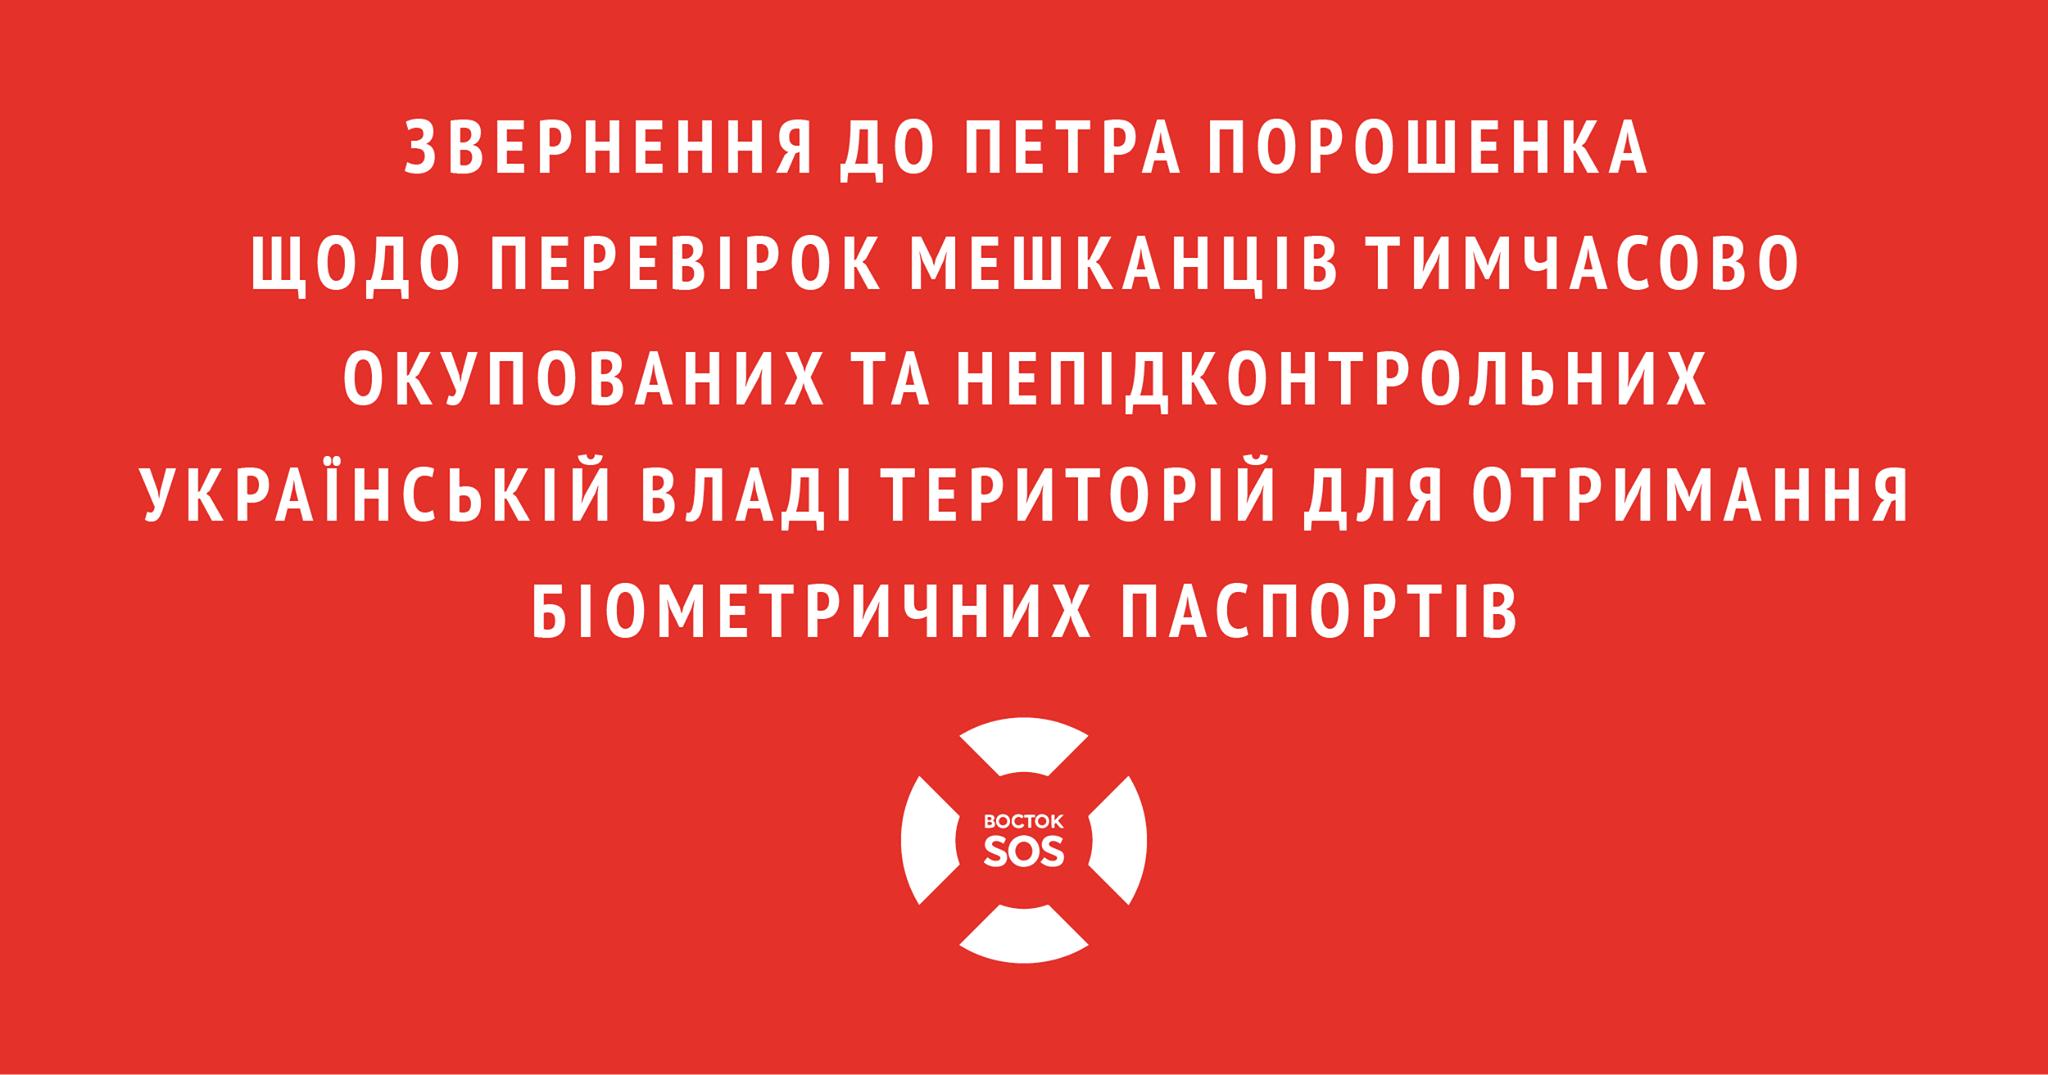 Общественники обратились к Президенту Украины с заявлением о недопустимости дискриминации жителей Крыма и Донбасса